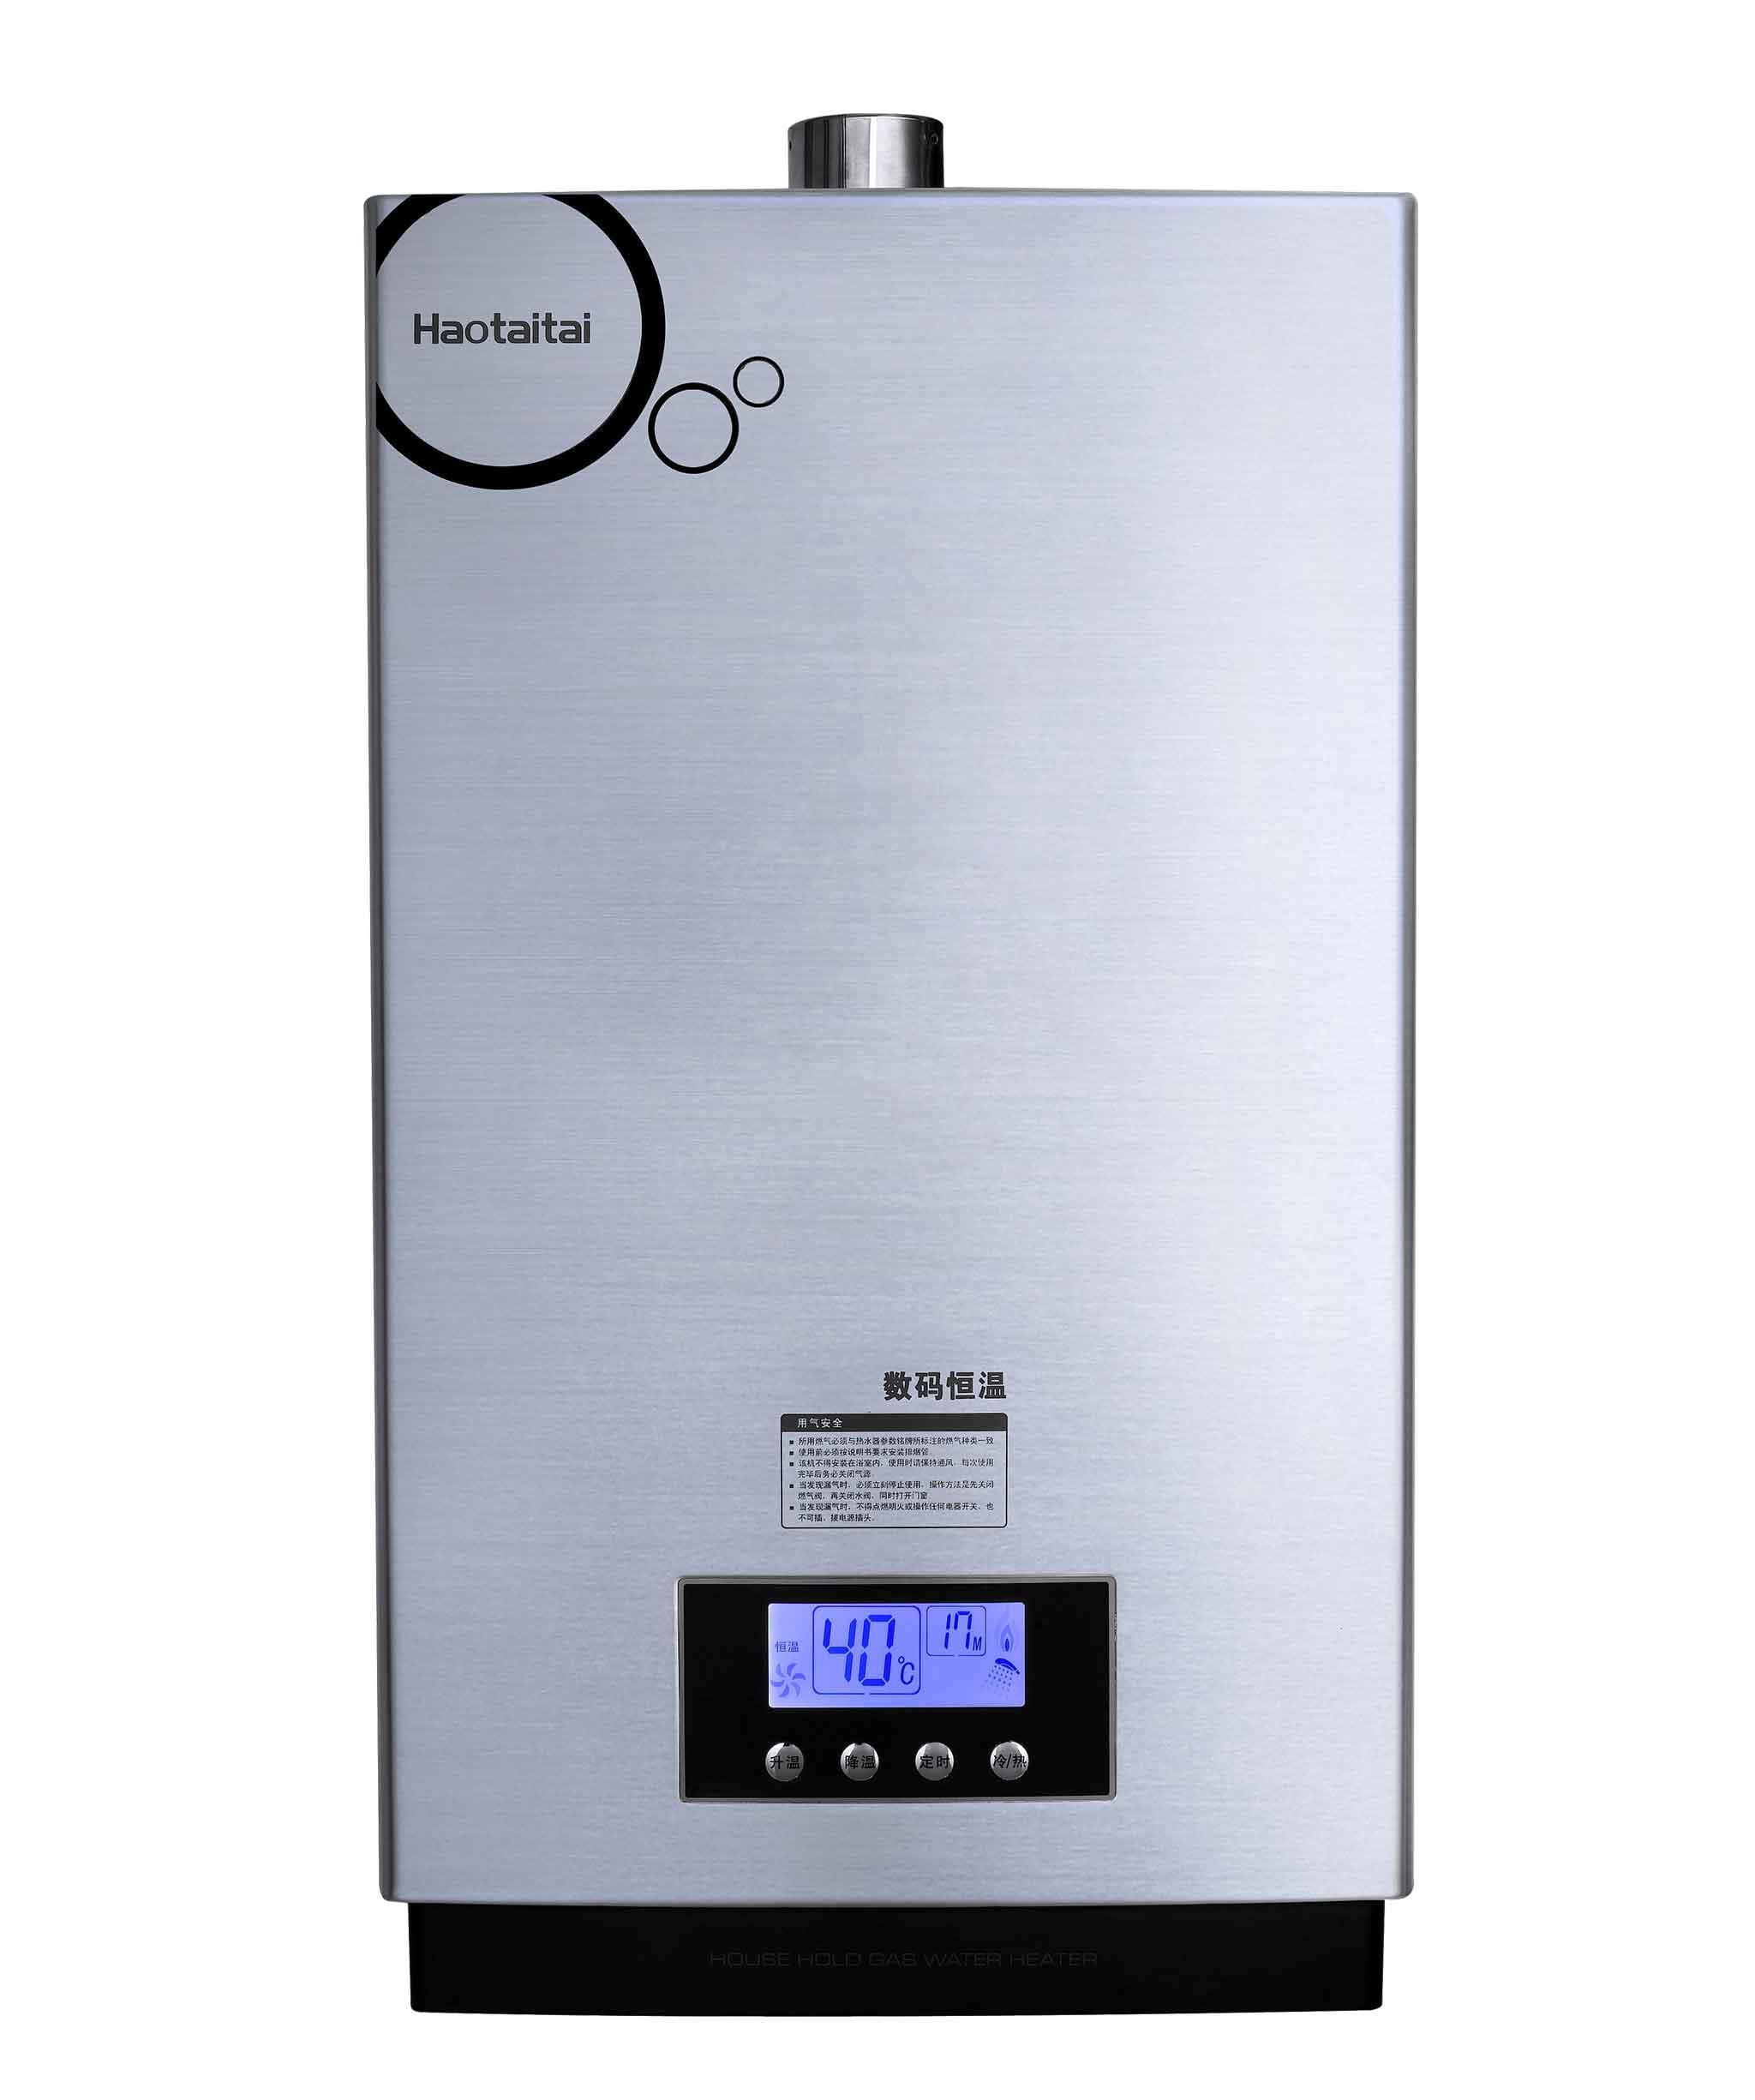 燃气热水器jsq32-16s